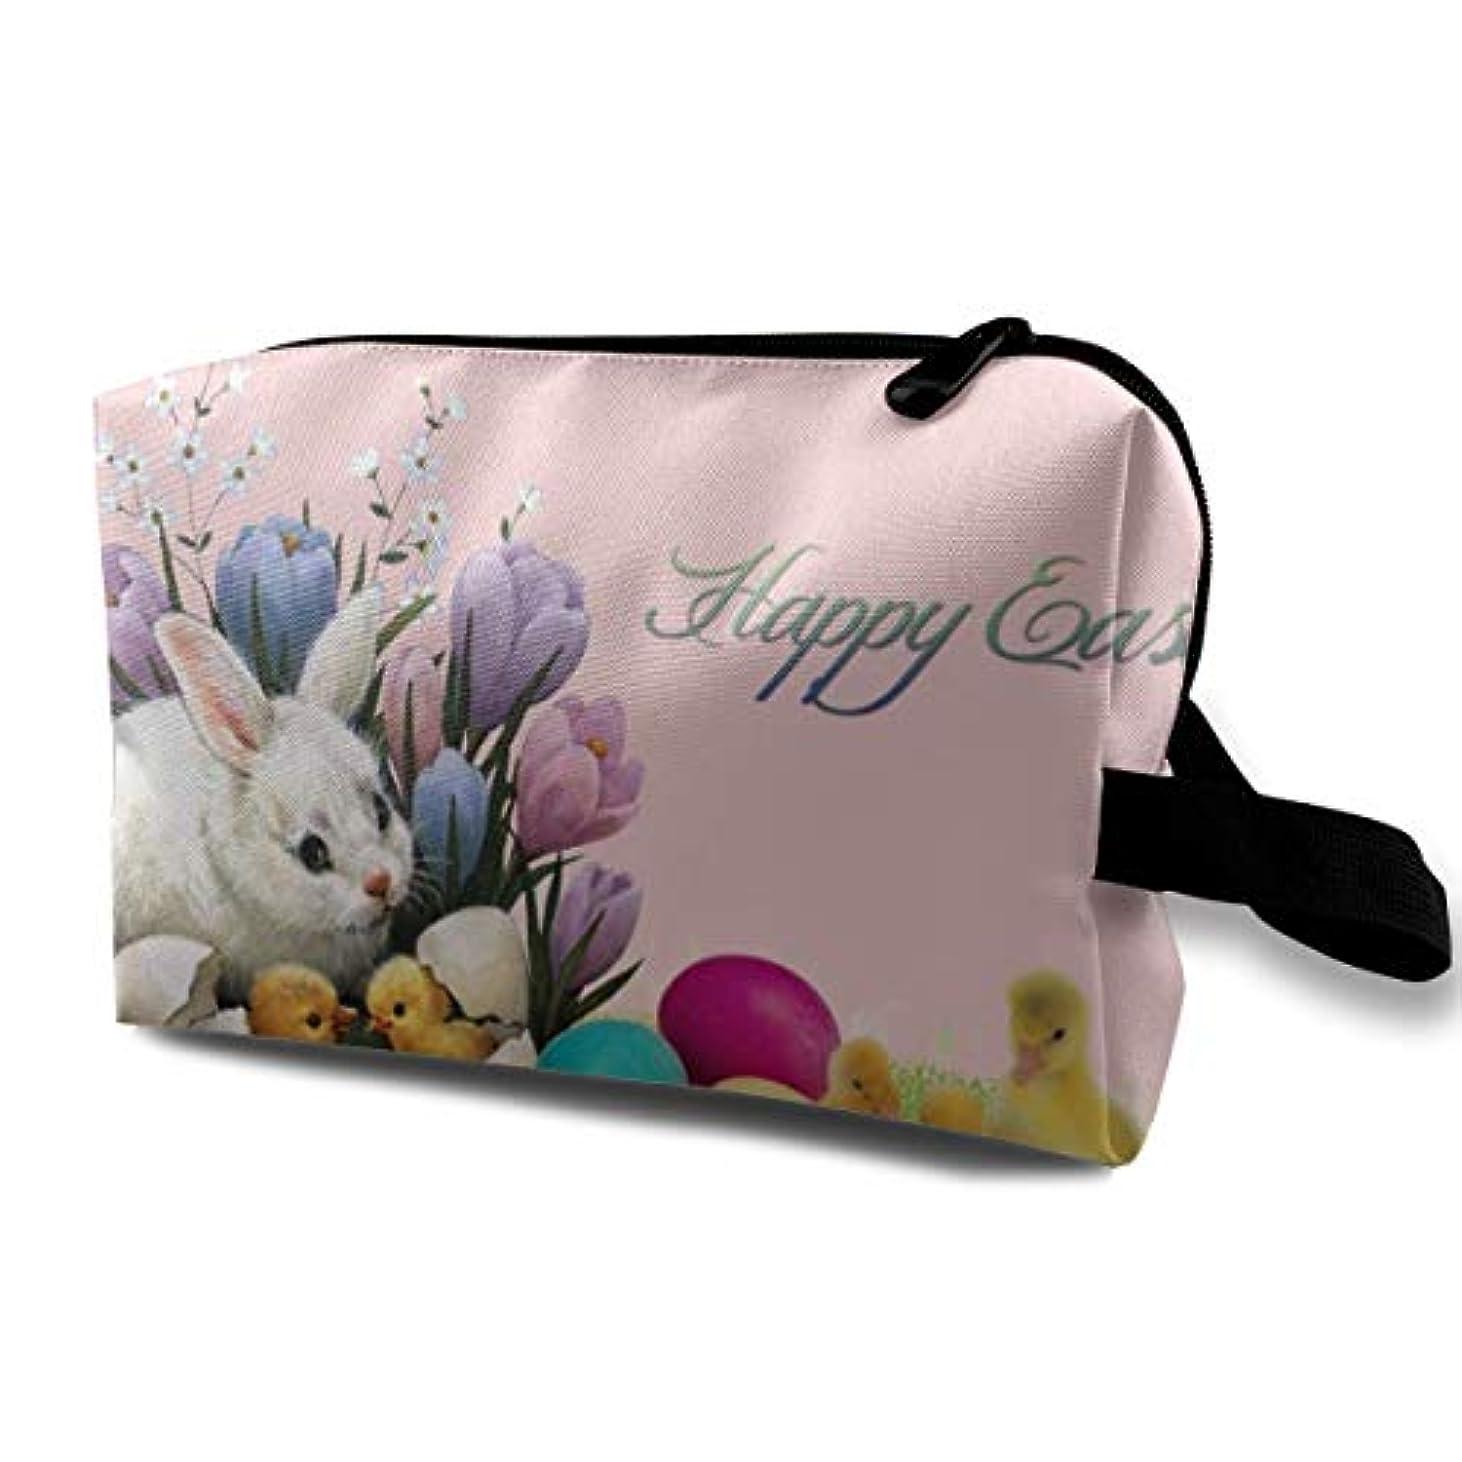 完璧なケーブル受信Happy Easter Rabbit With Tulip 収納ポーチ 化粧ポーチ 大容量 軽量 耐久性 ハンドル付持ち運び便利。入れ 自宅?出張?旅行?アウトドア撮影などに対応。メンズ レディース トラベルグッズ